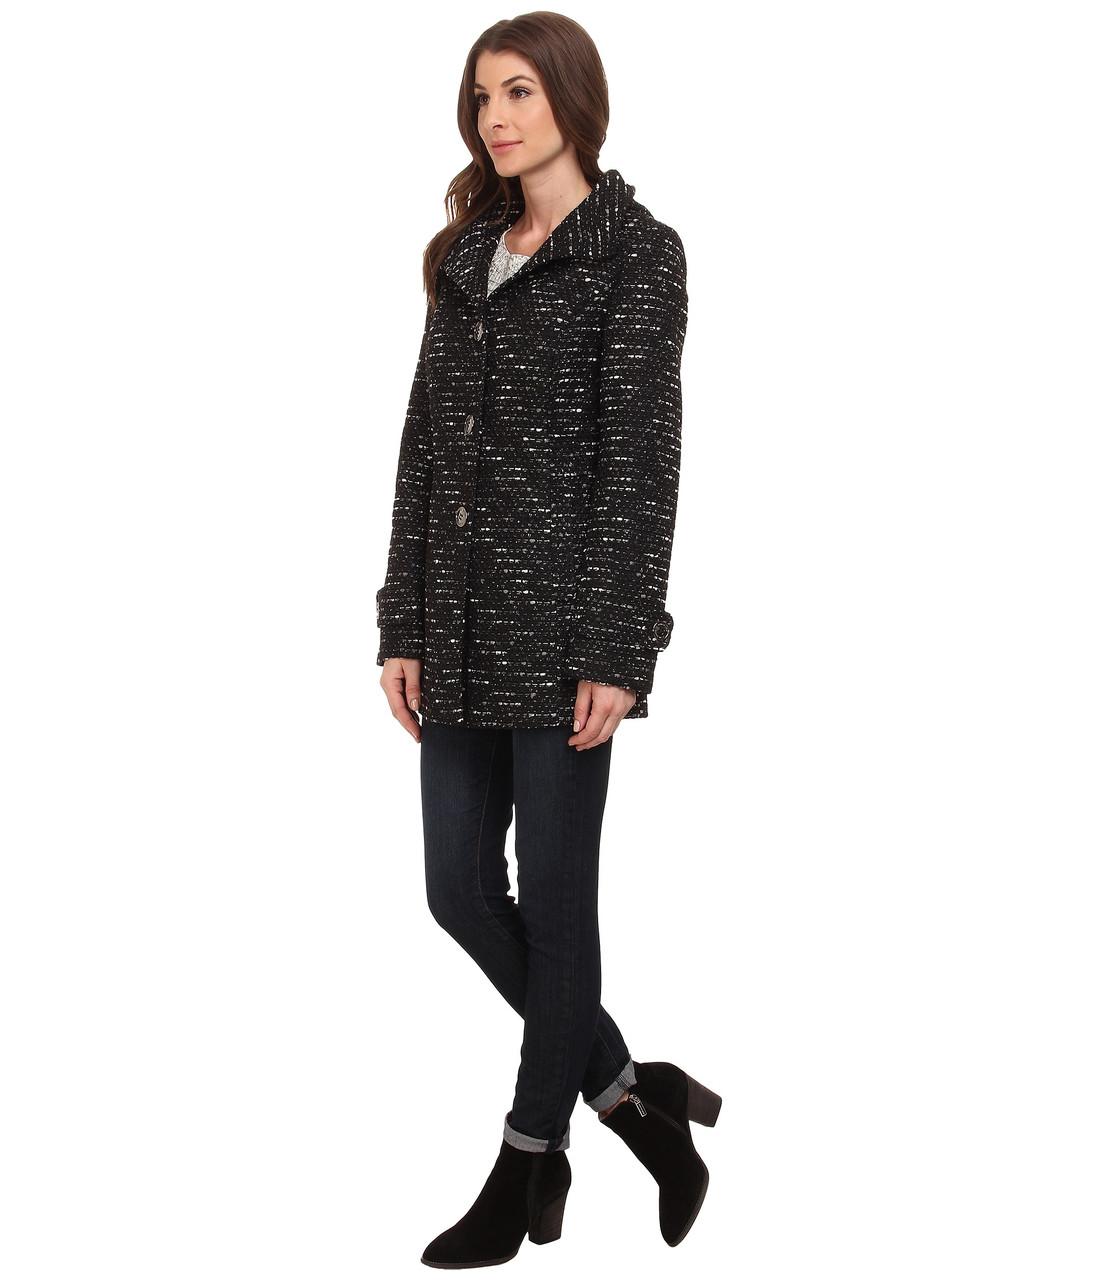 Пальто Kenneth Cole New York, M, Black/White, 175CE017